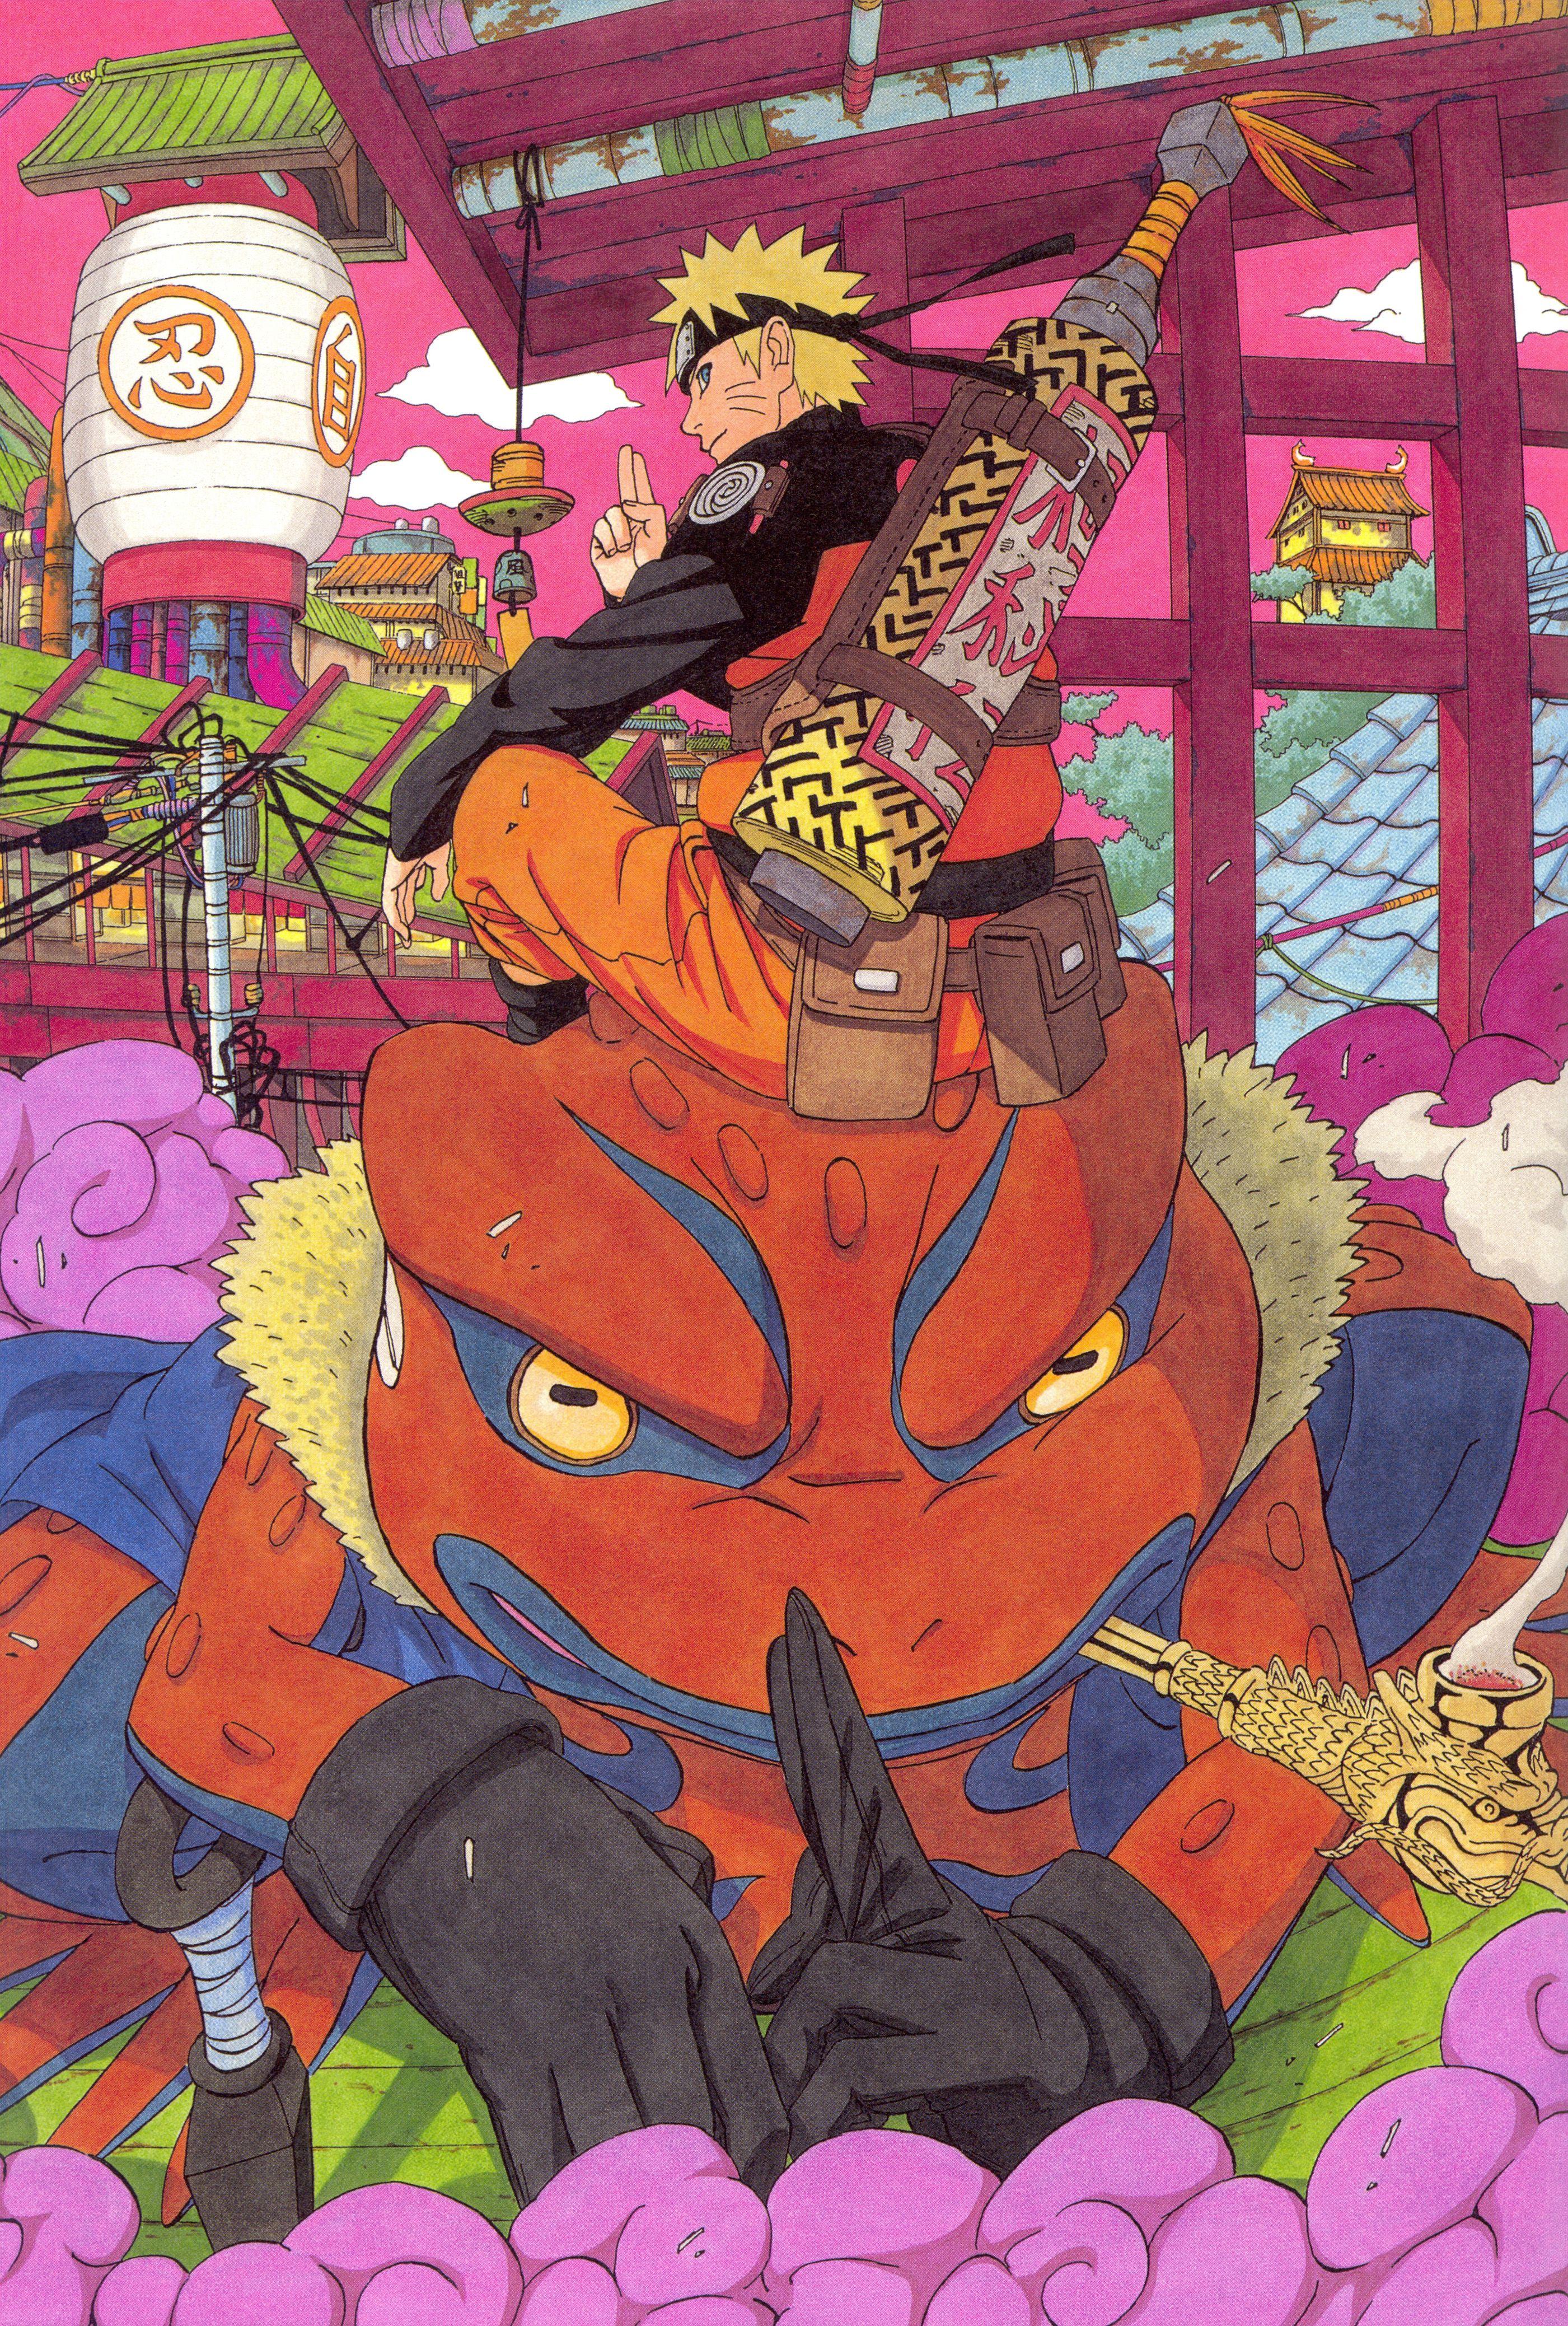 Masashi Kishimoto Naruto Naruto Illustrations Gamakichi Naruto Uzumaki Anime Anime Naruto Naruto